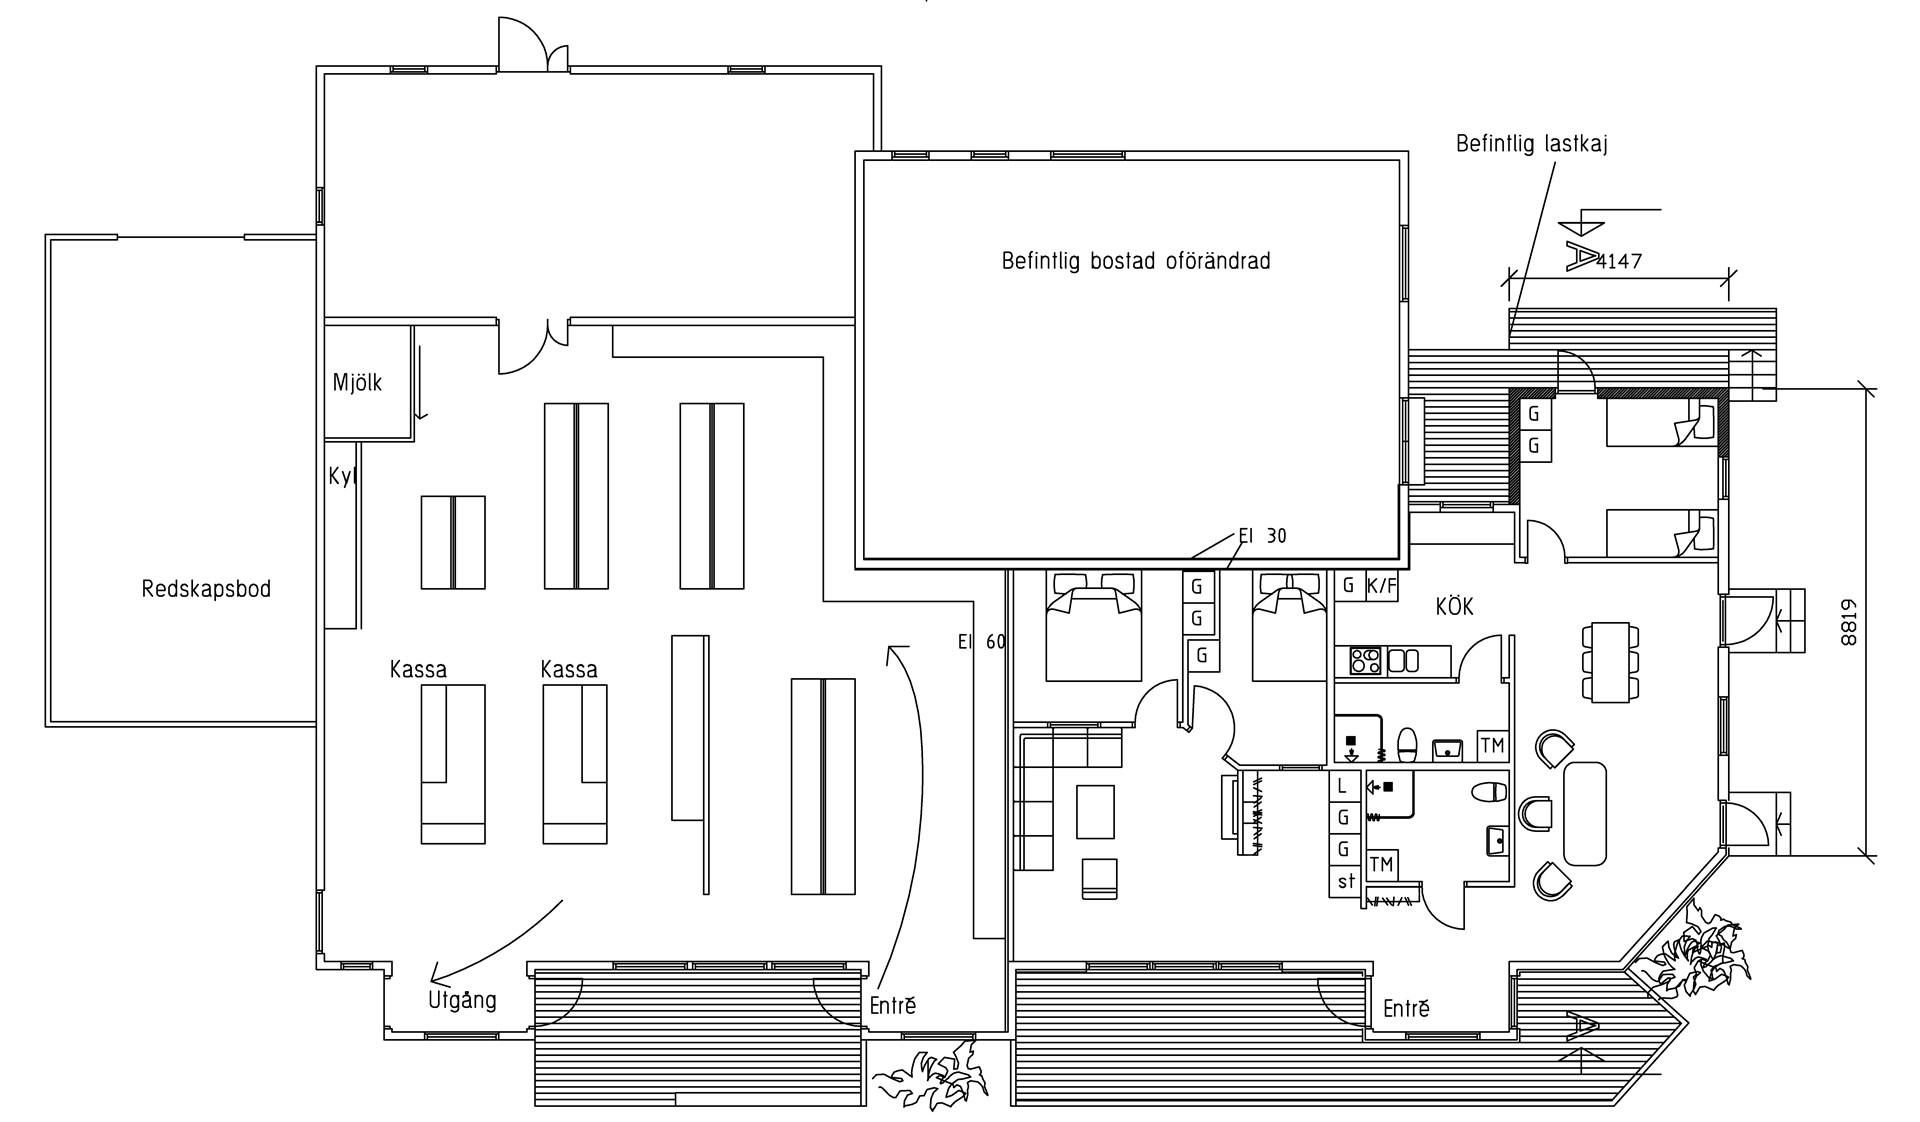 Ritning för ombyggnad av delar av butiken till lägenhet, bygglov finns som vunnit laga kraft.